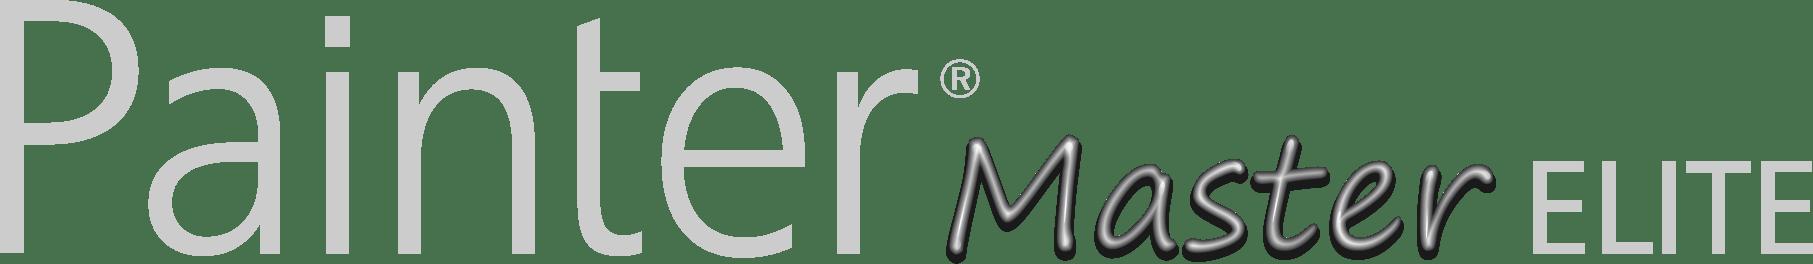 corel painter master elite logo light